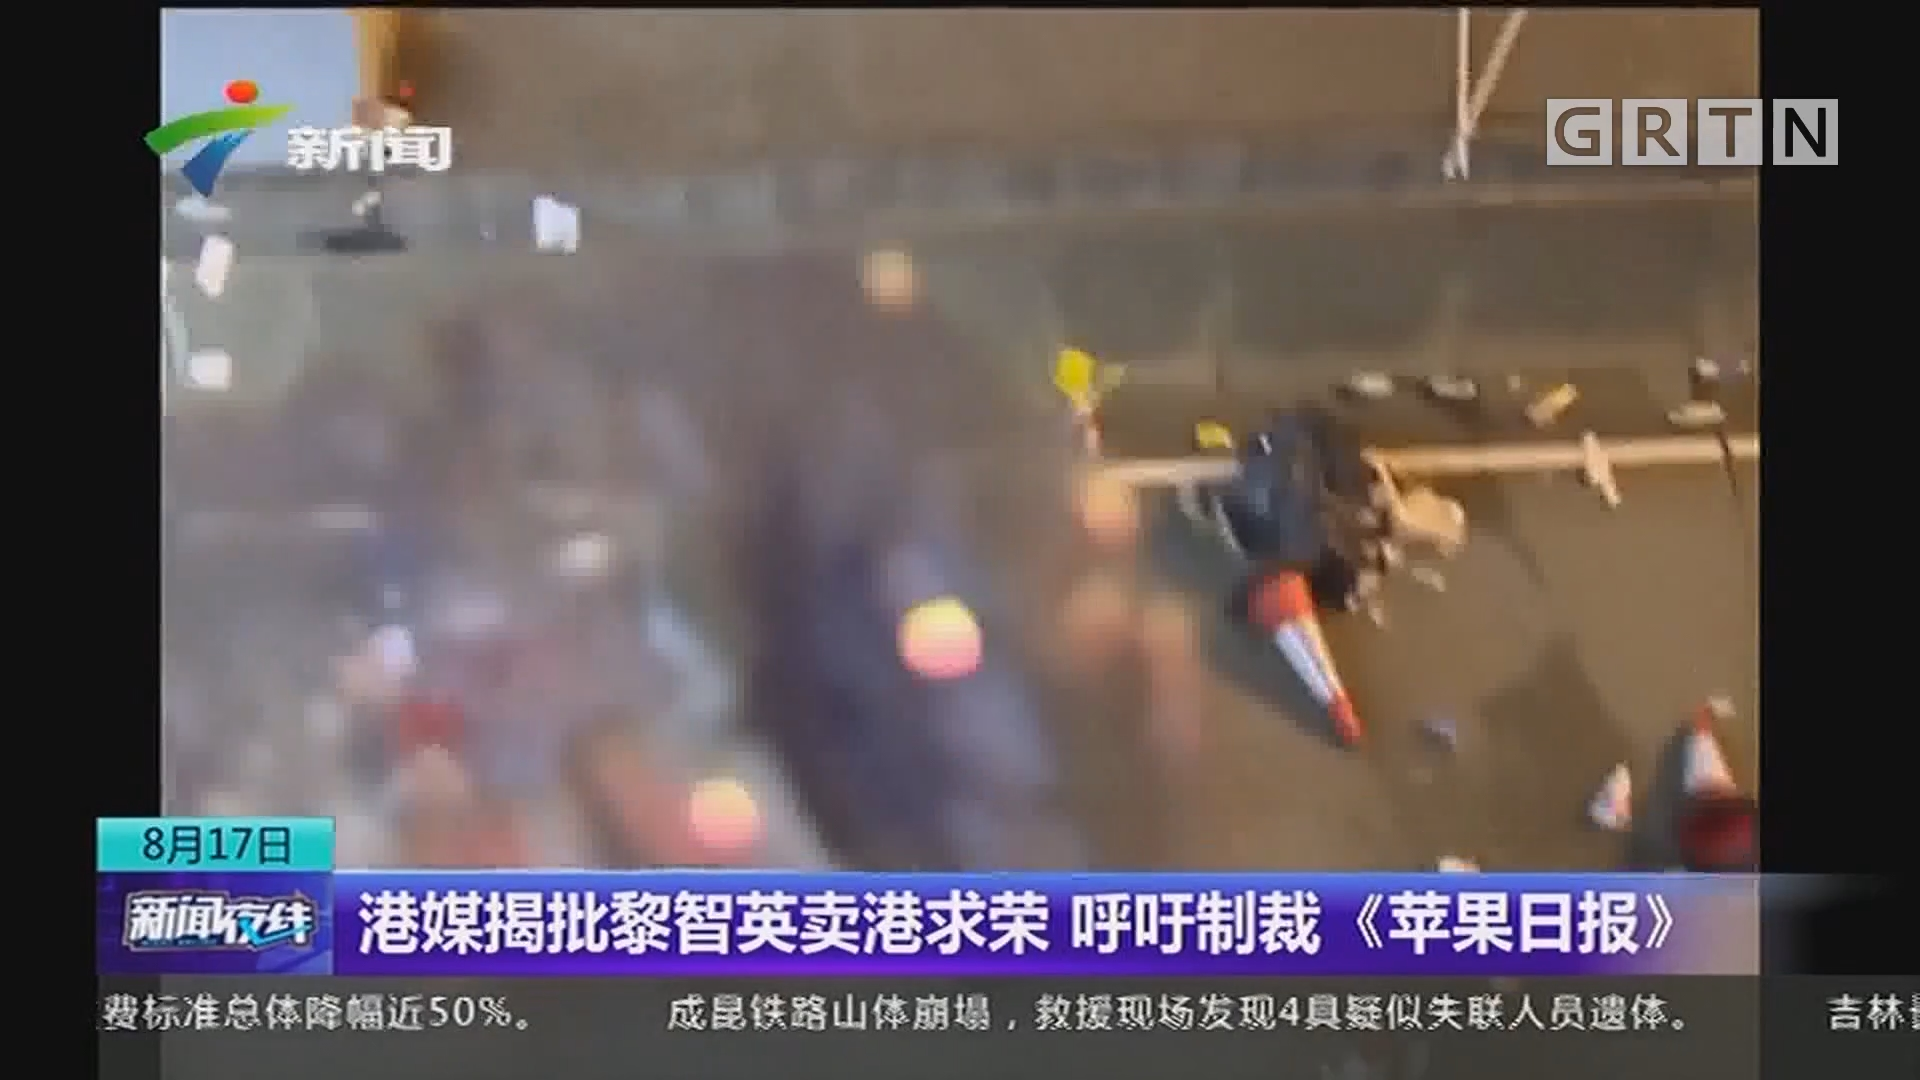 港媒揭批黎智英卖港求荣 呼吁制裁《苹果日报》